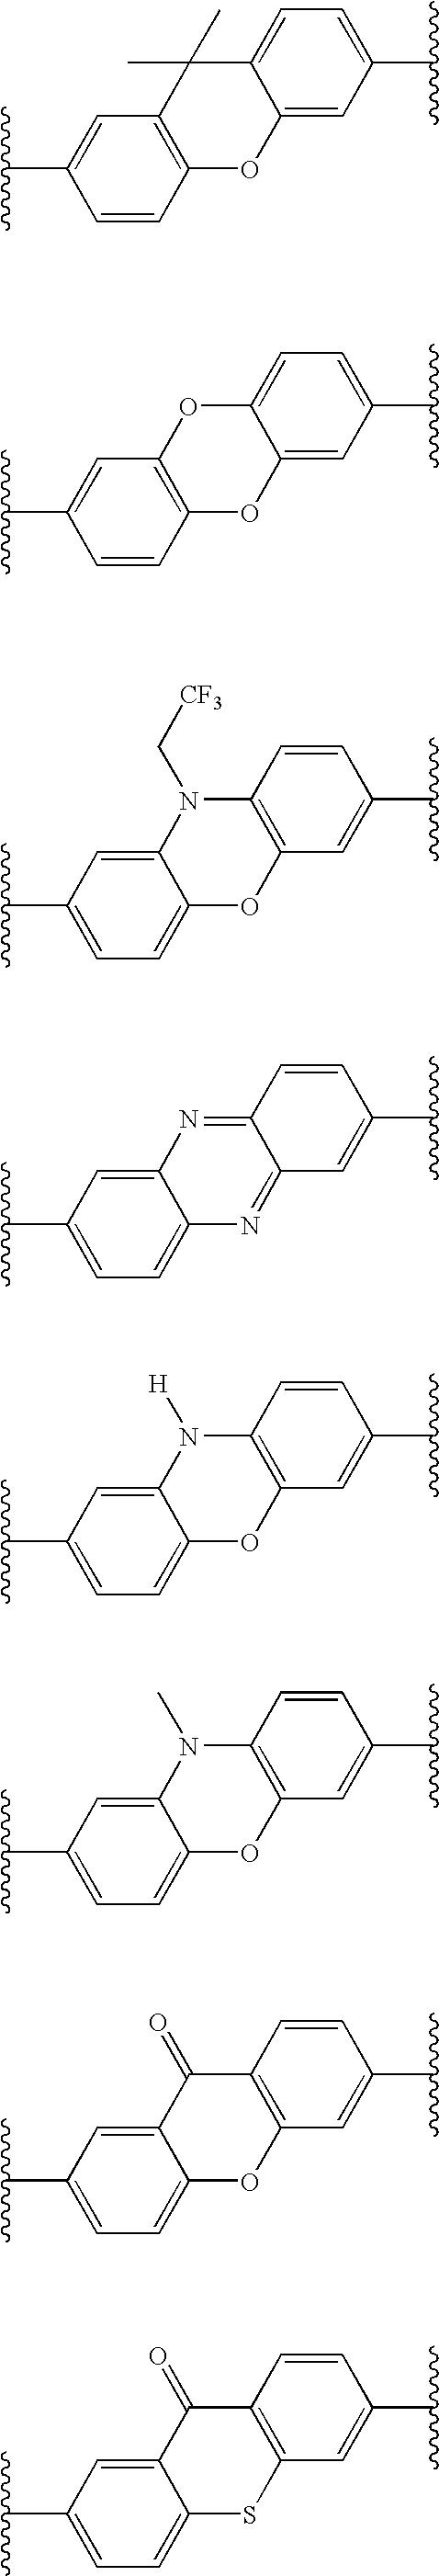 Figure US08088368-20120103-C00111